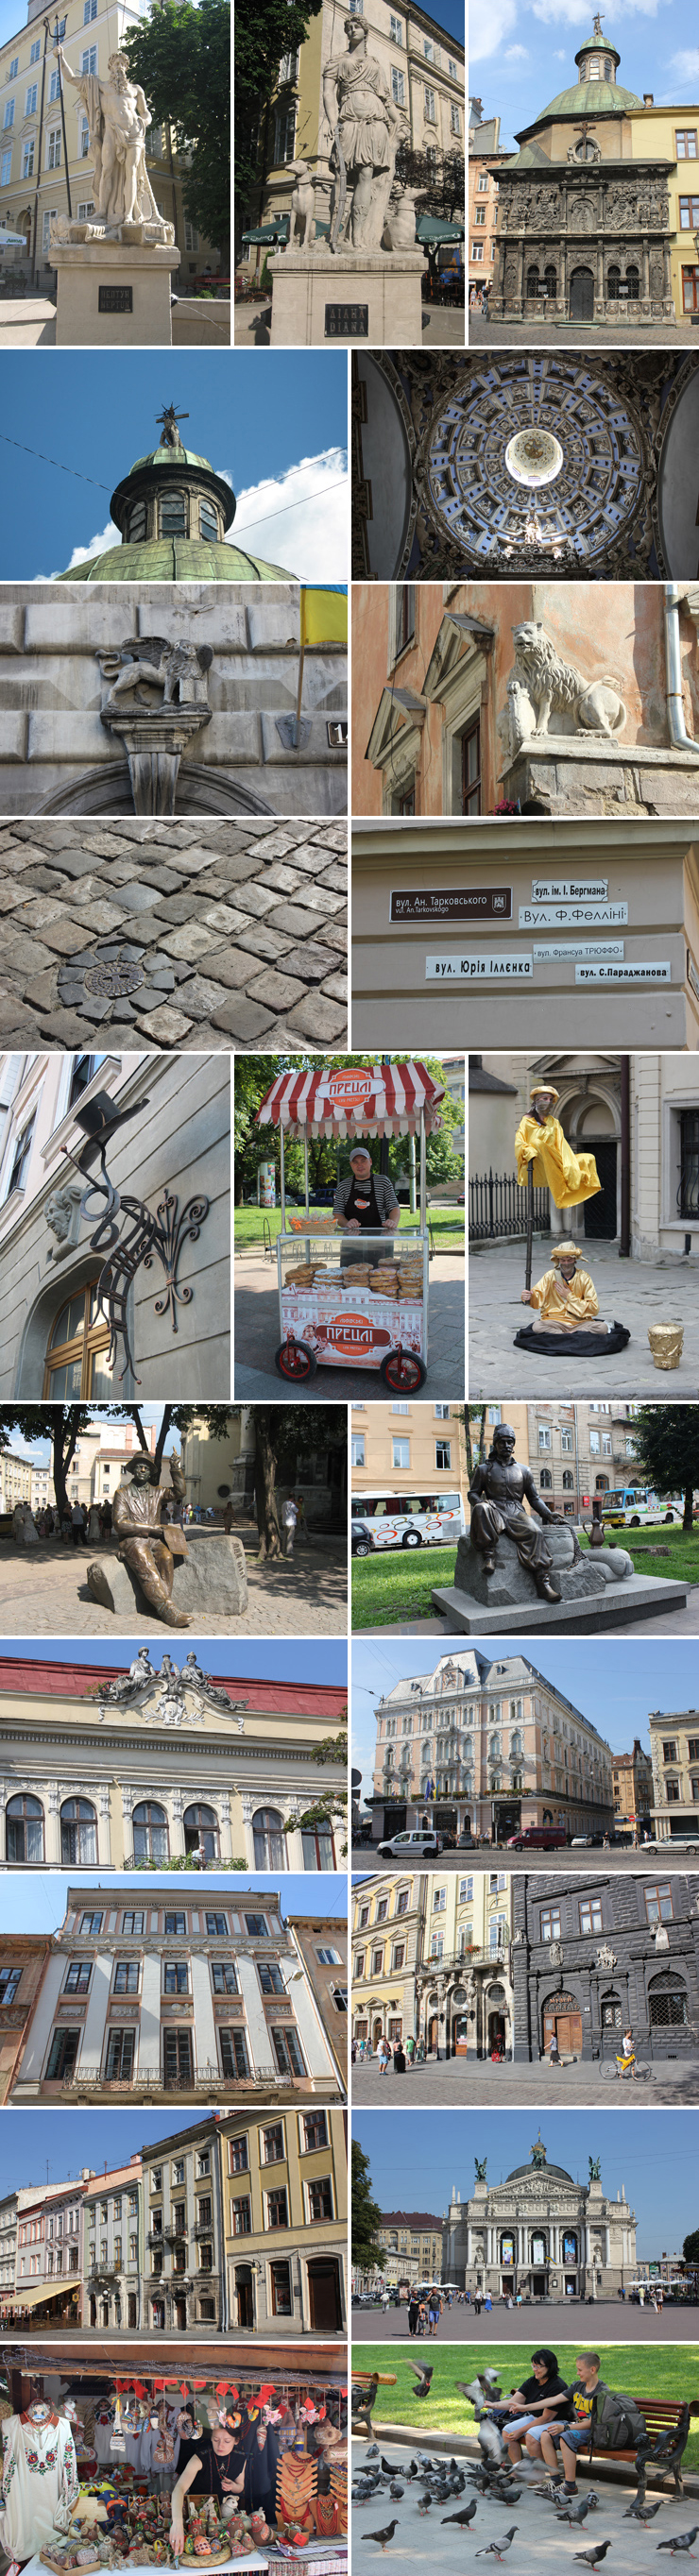 тур во Львов купить, туры по Украине, автобусные туры по западной Украине, экскурсионные туры во Львов купить, что посмотреть во Львове, львовский сырник